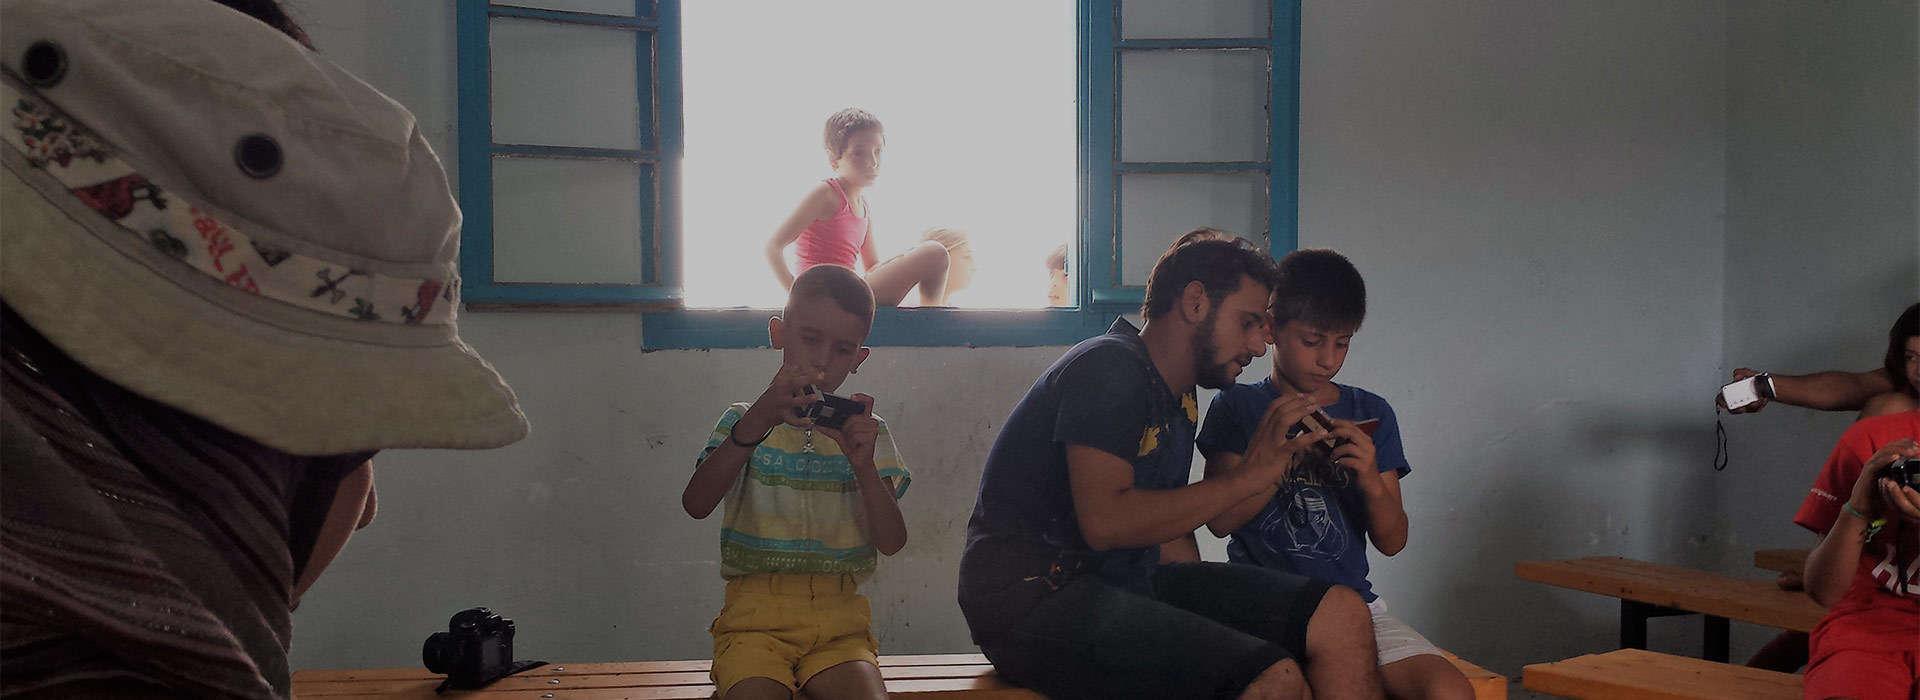 Migrant Child Storytelling